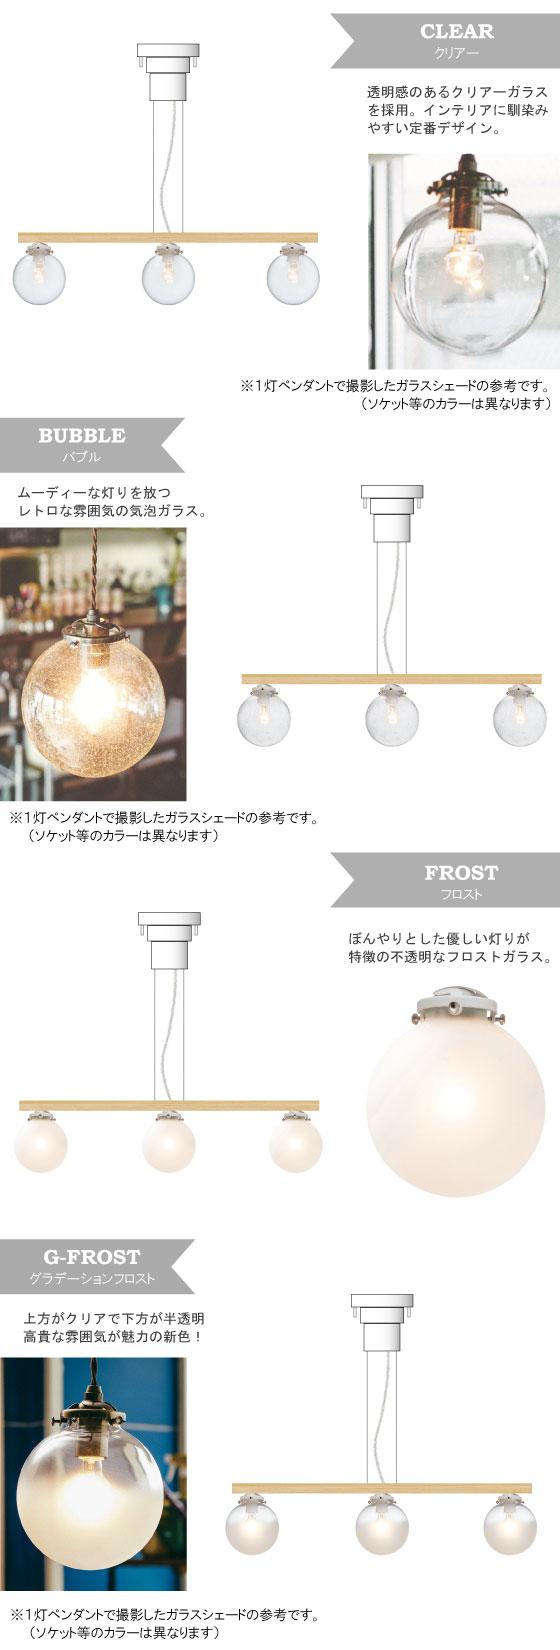 球体ガラス・3灯ペンダントランプ(横1列デザイン・LED対応)